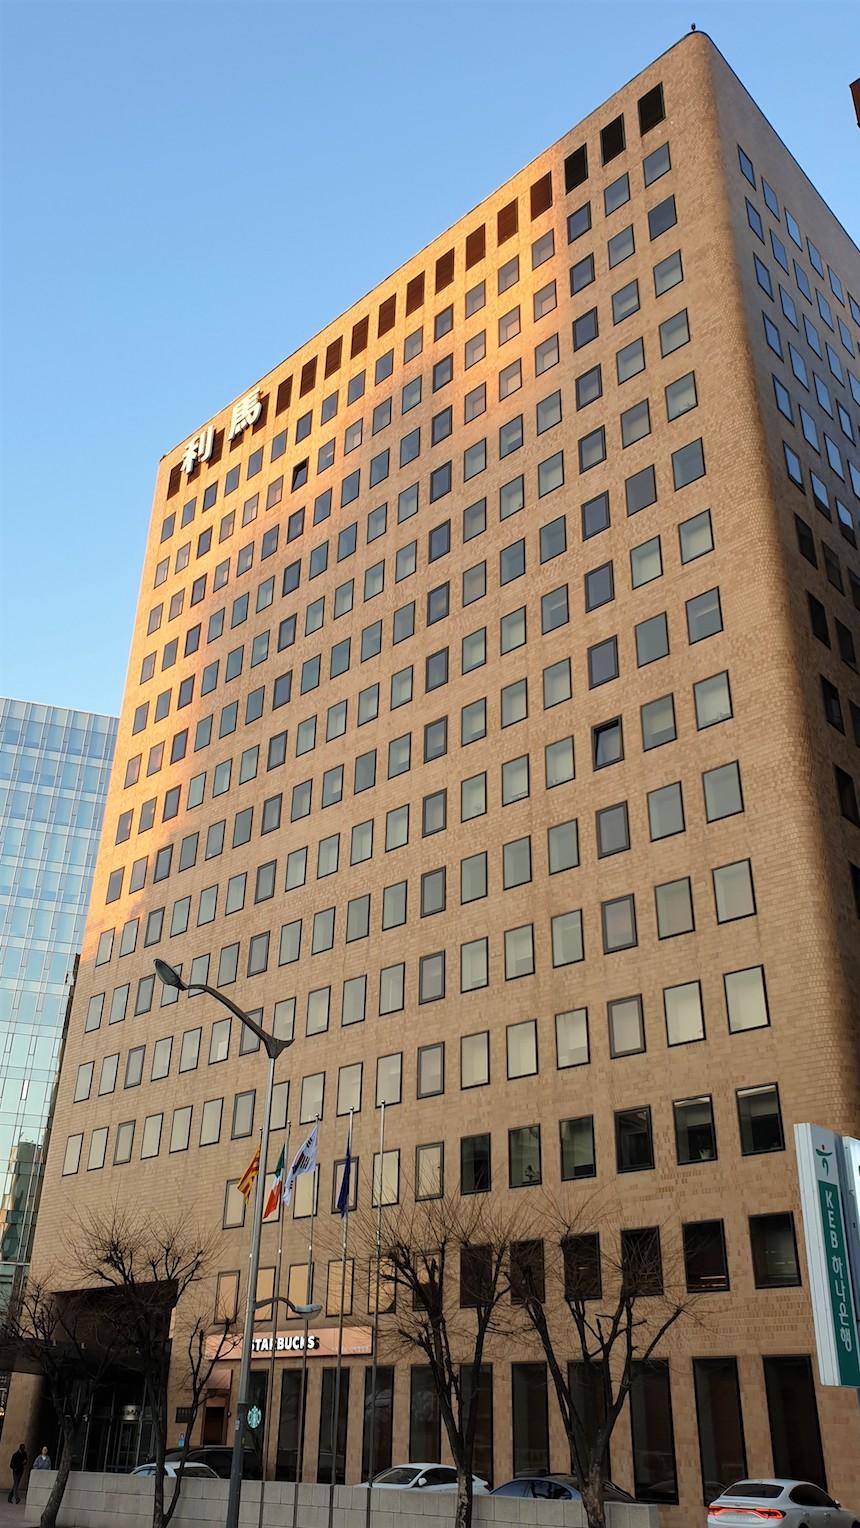 이마빌딩 - 이마빌딩이 위치한 이곳은 북악산과 경복궁 명당수의 정기를 받아 행운을 가져다 주는 명당으로도 유명합니다.서울 강북 사통팔달의 중심지 광화문 앞에 위치한 이마빌딩은 지속적인 투자와 선진 관리 시스템으로 항상 최적의 쾌적한 사무환경을 제공합니다.